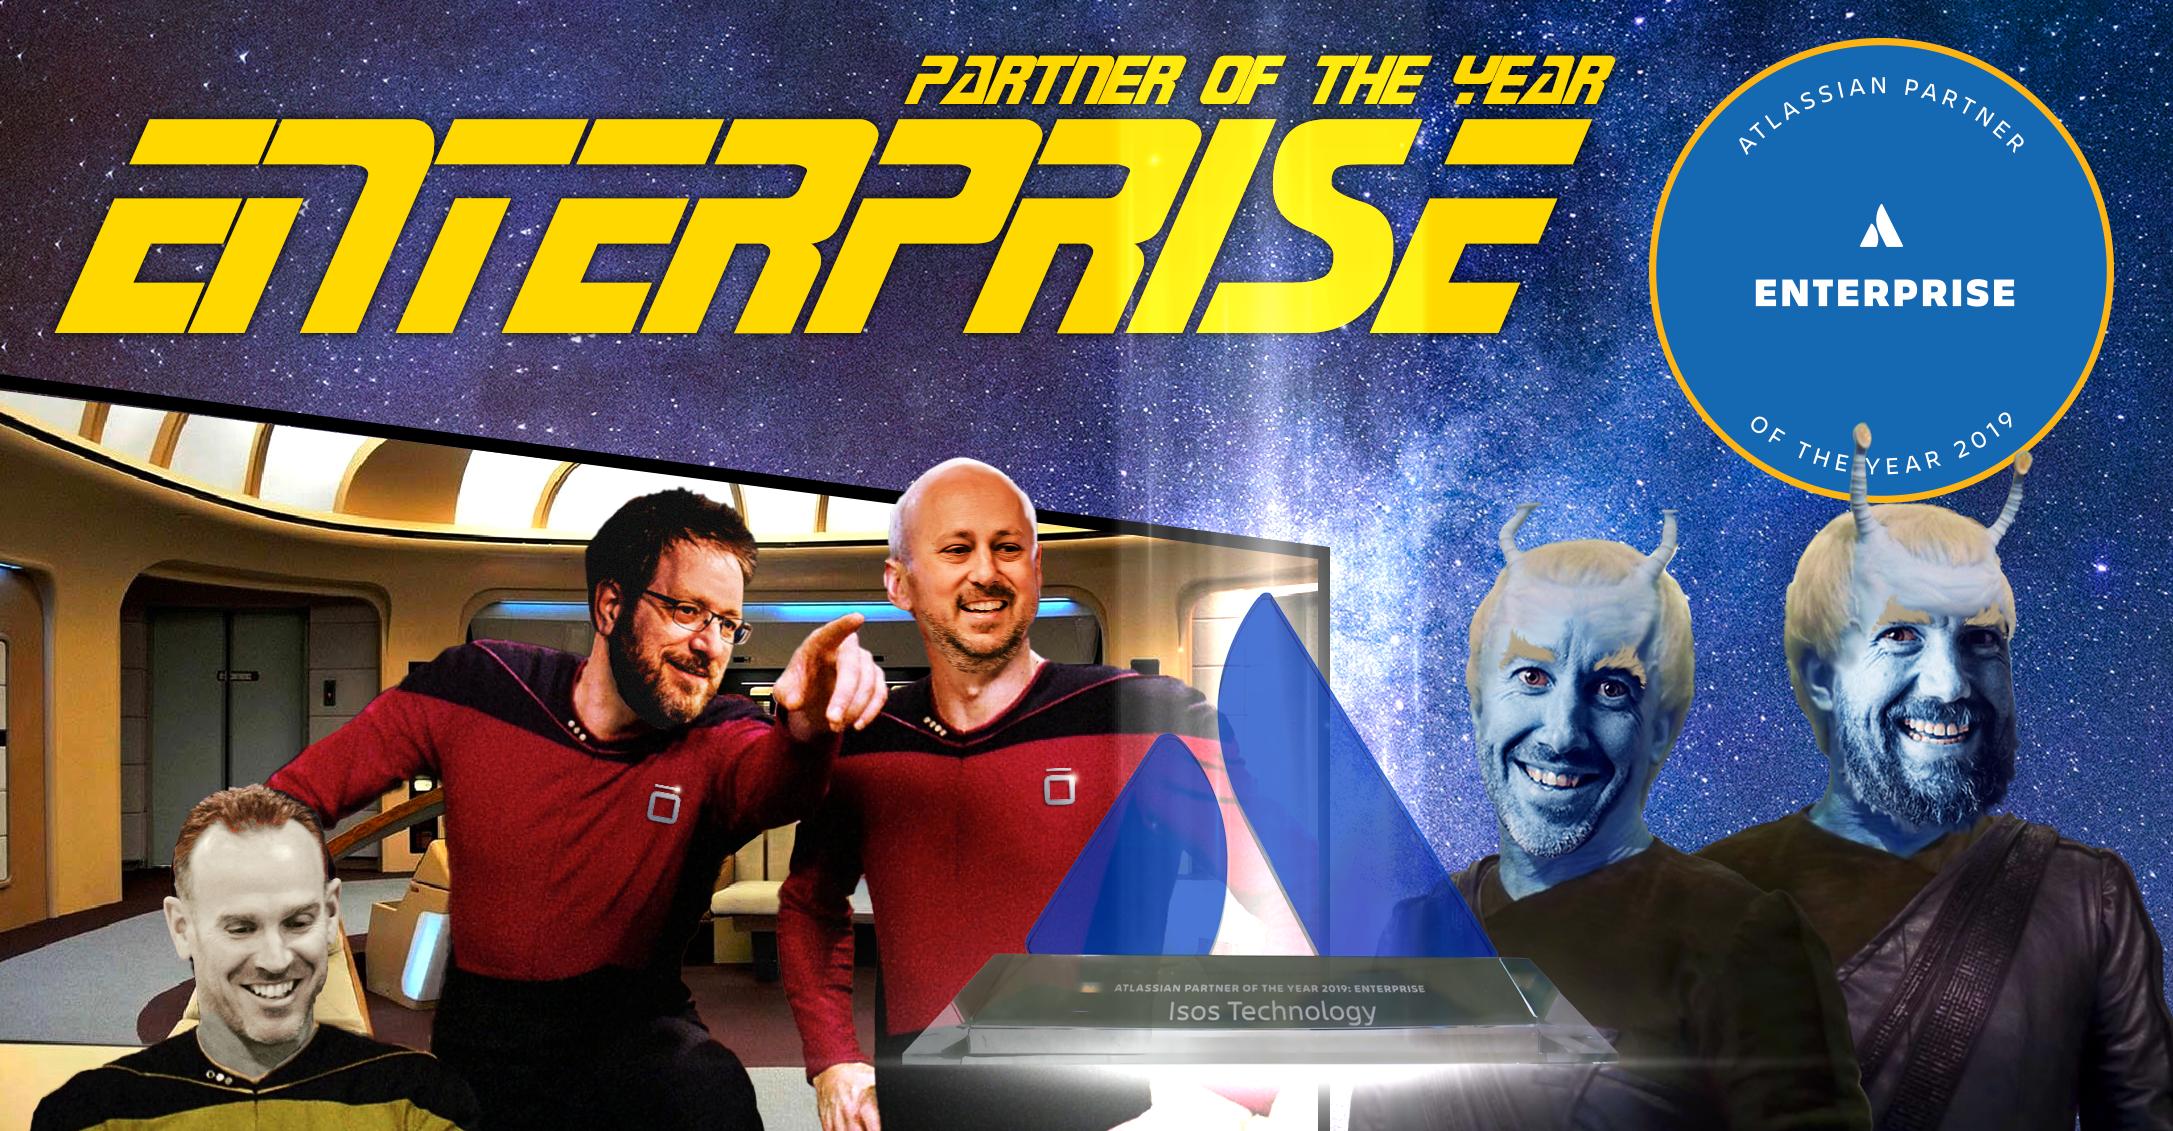 enterprise-PotY-contest-1